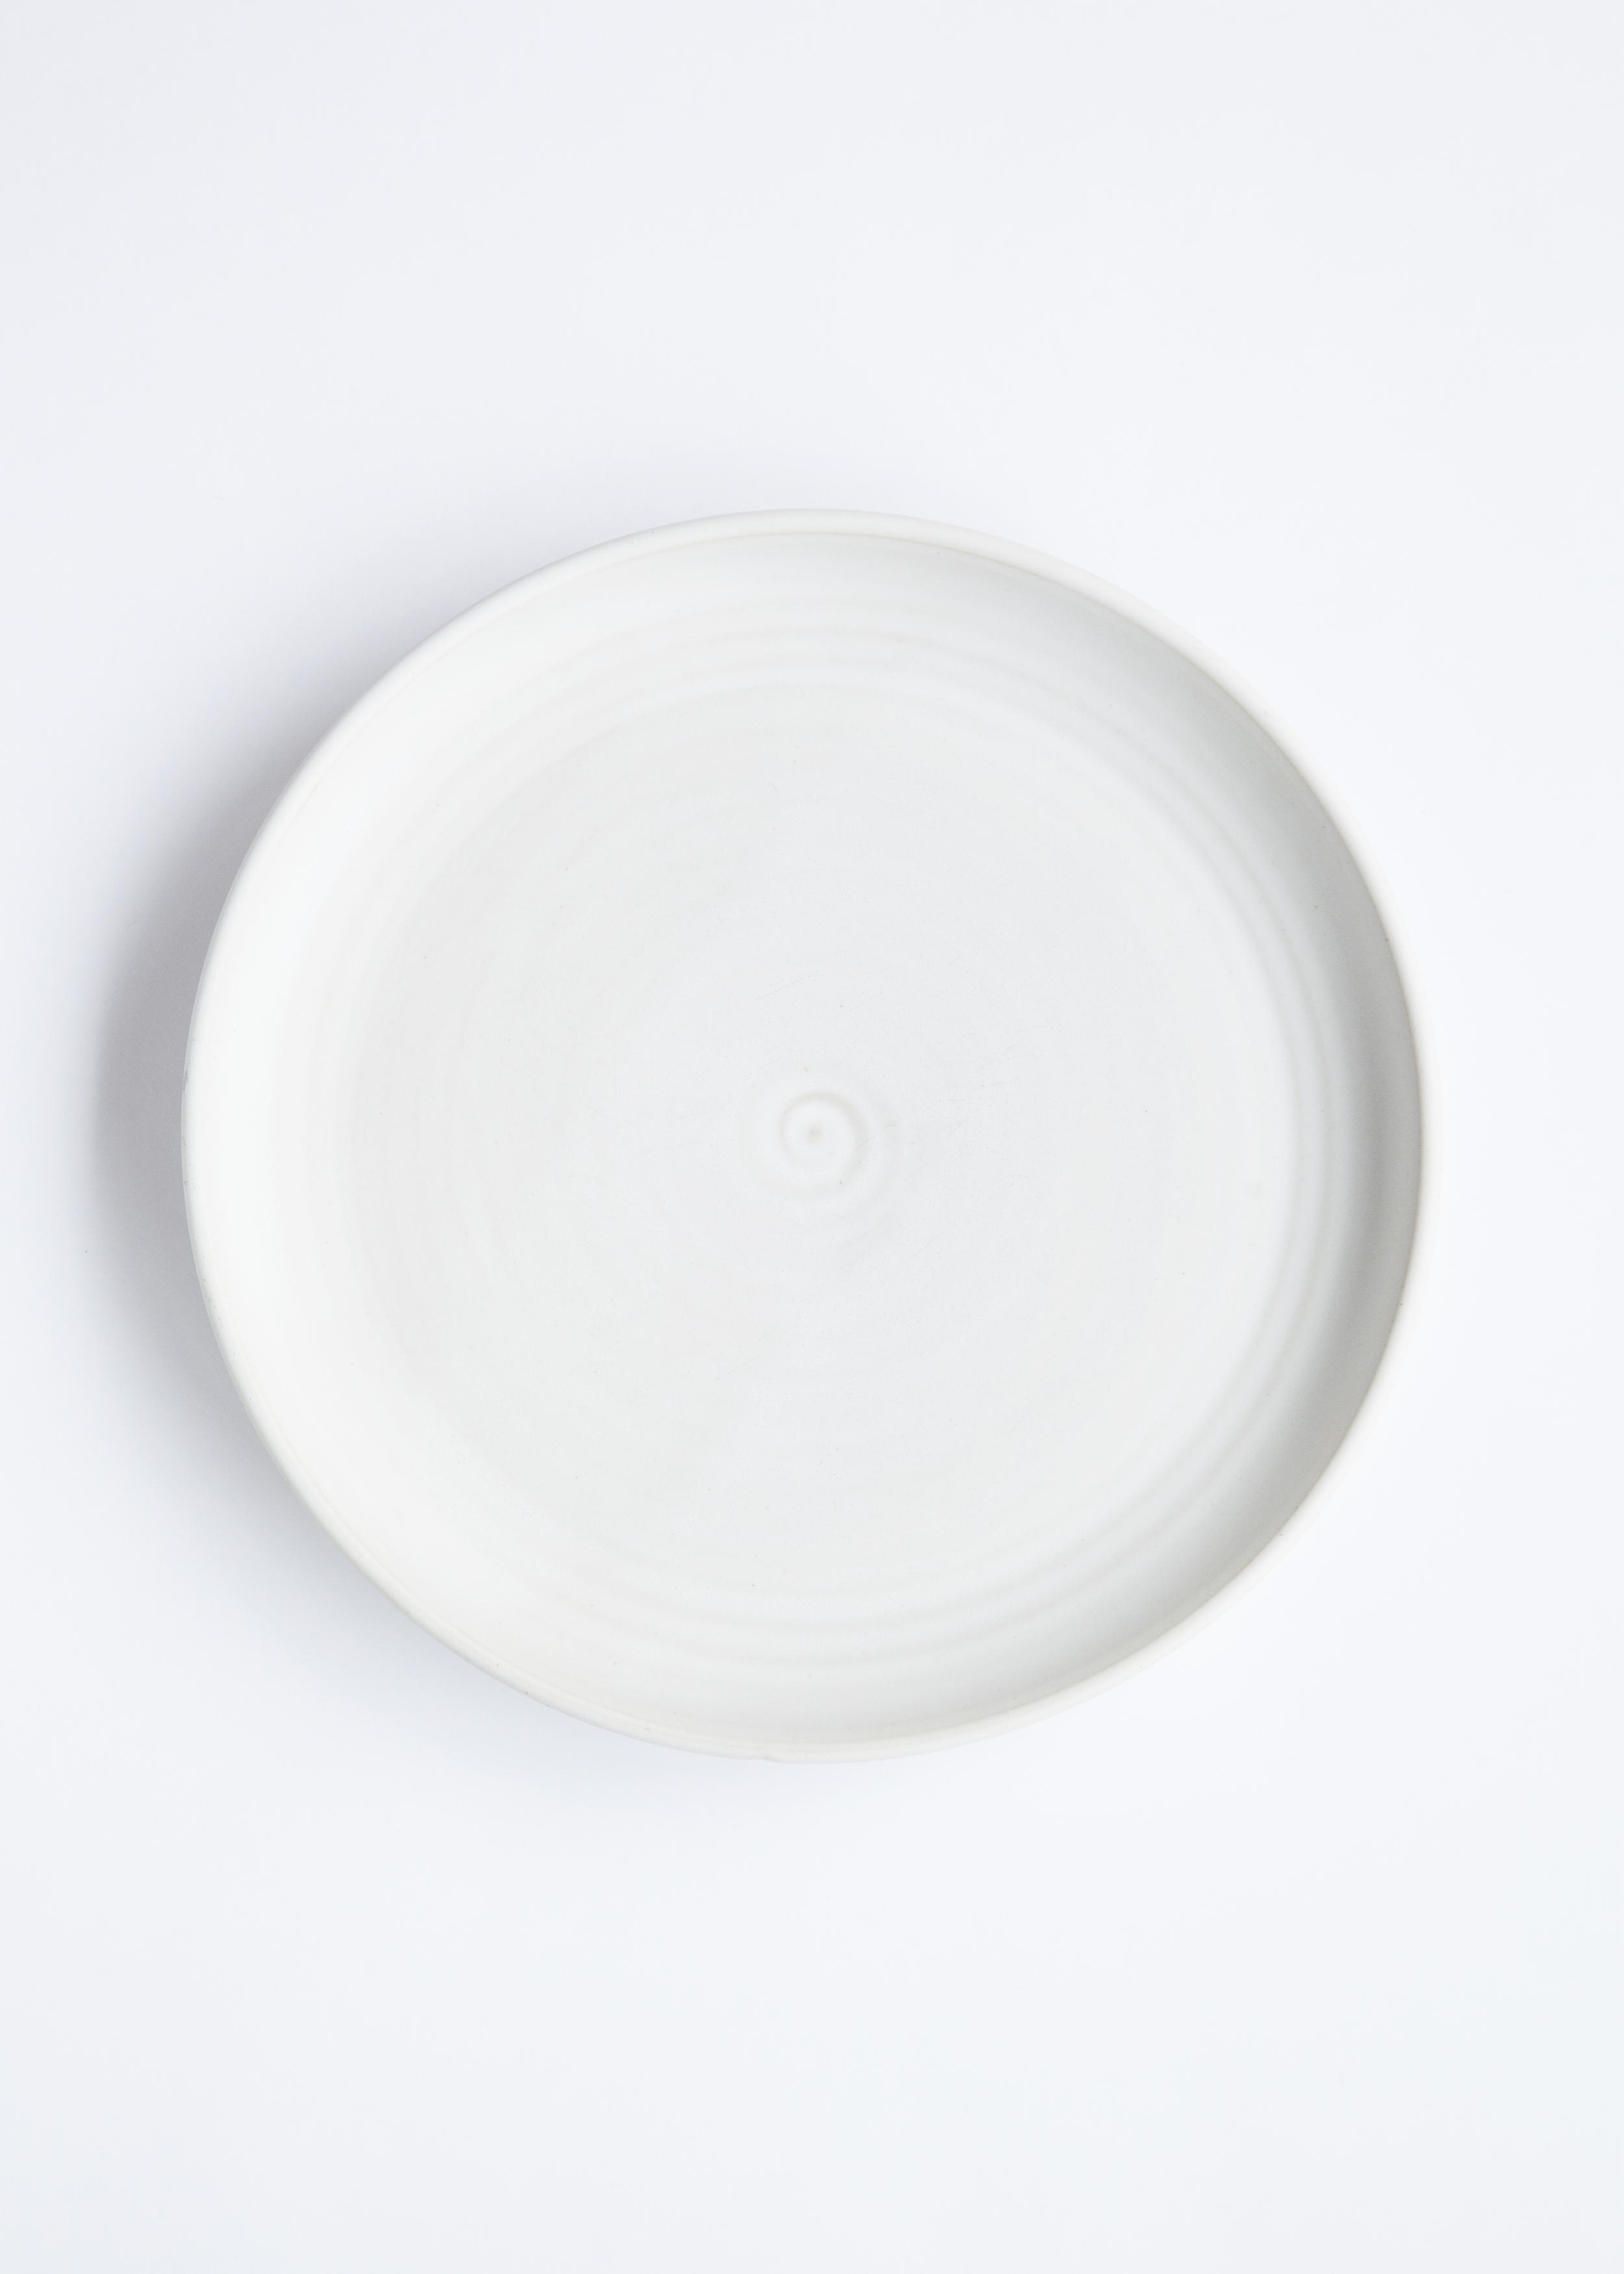 hvid spisetall 28 dia.jpg